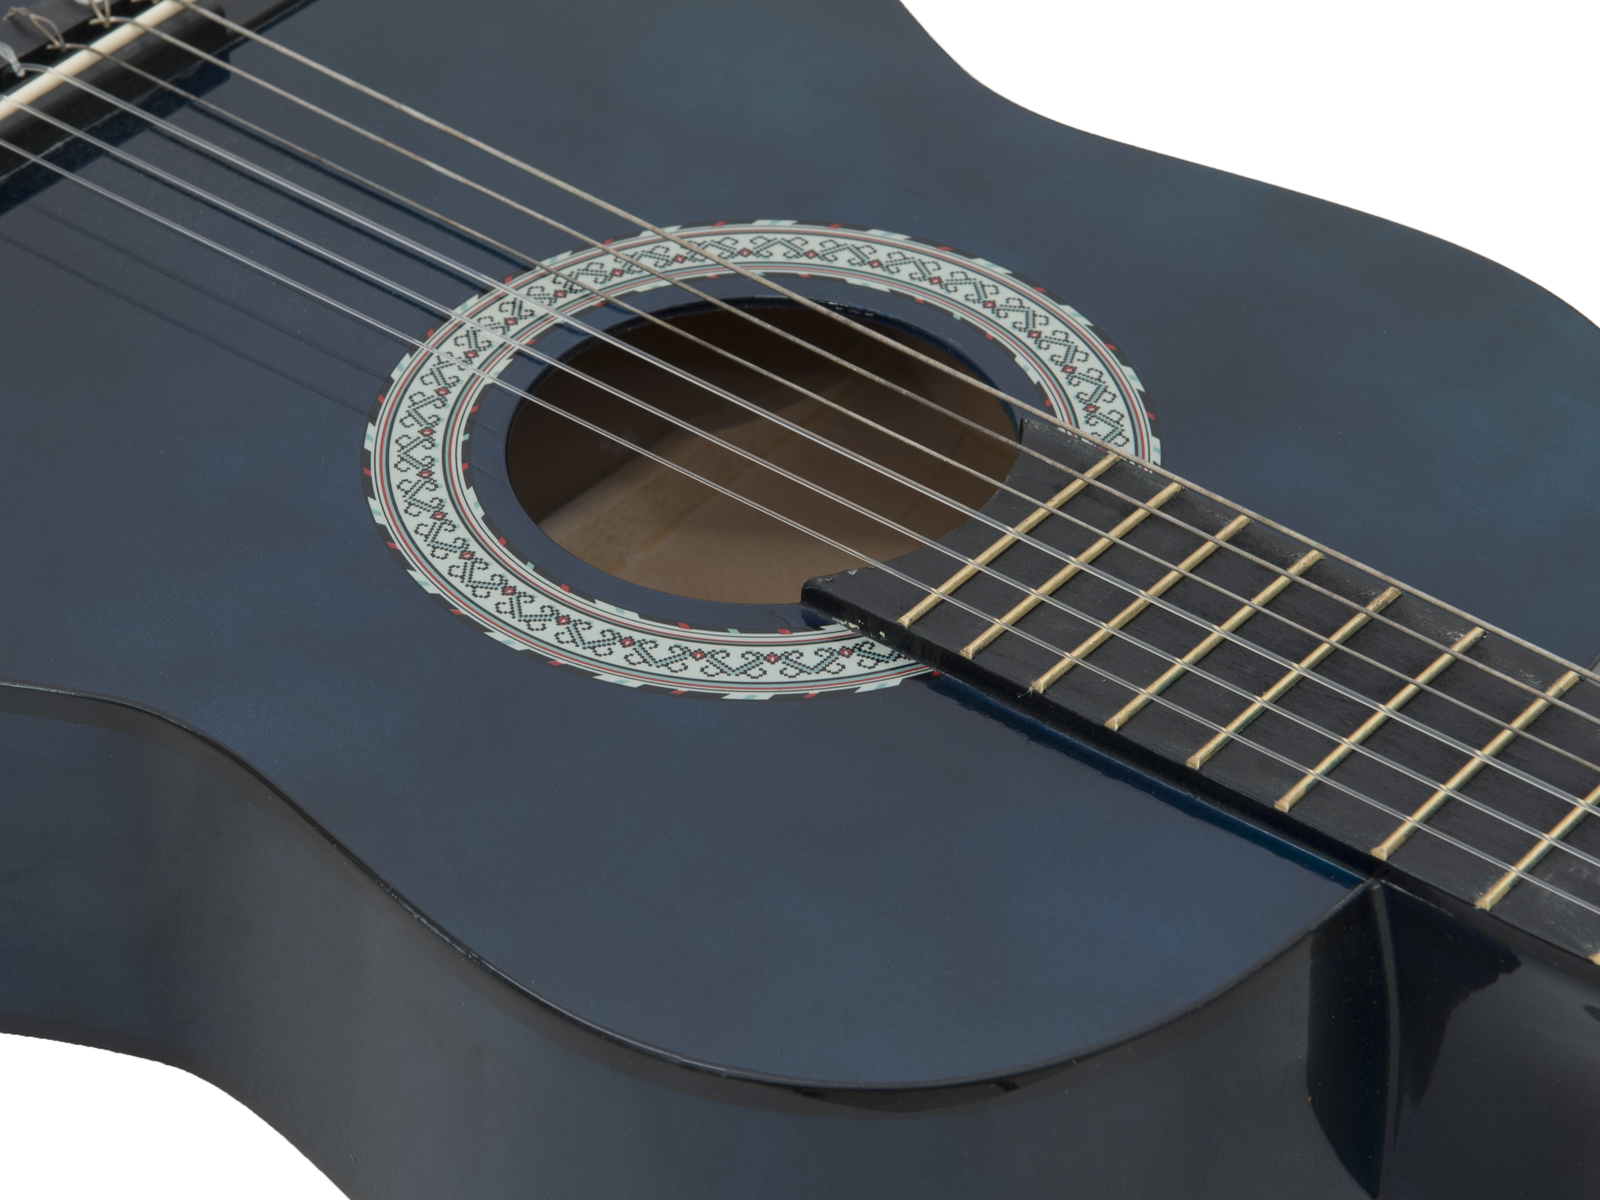 DIMAVERY AC-303 Chitarra Classica 3/4, blu